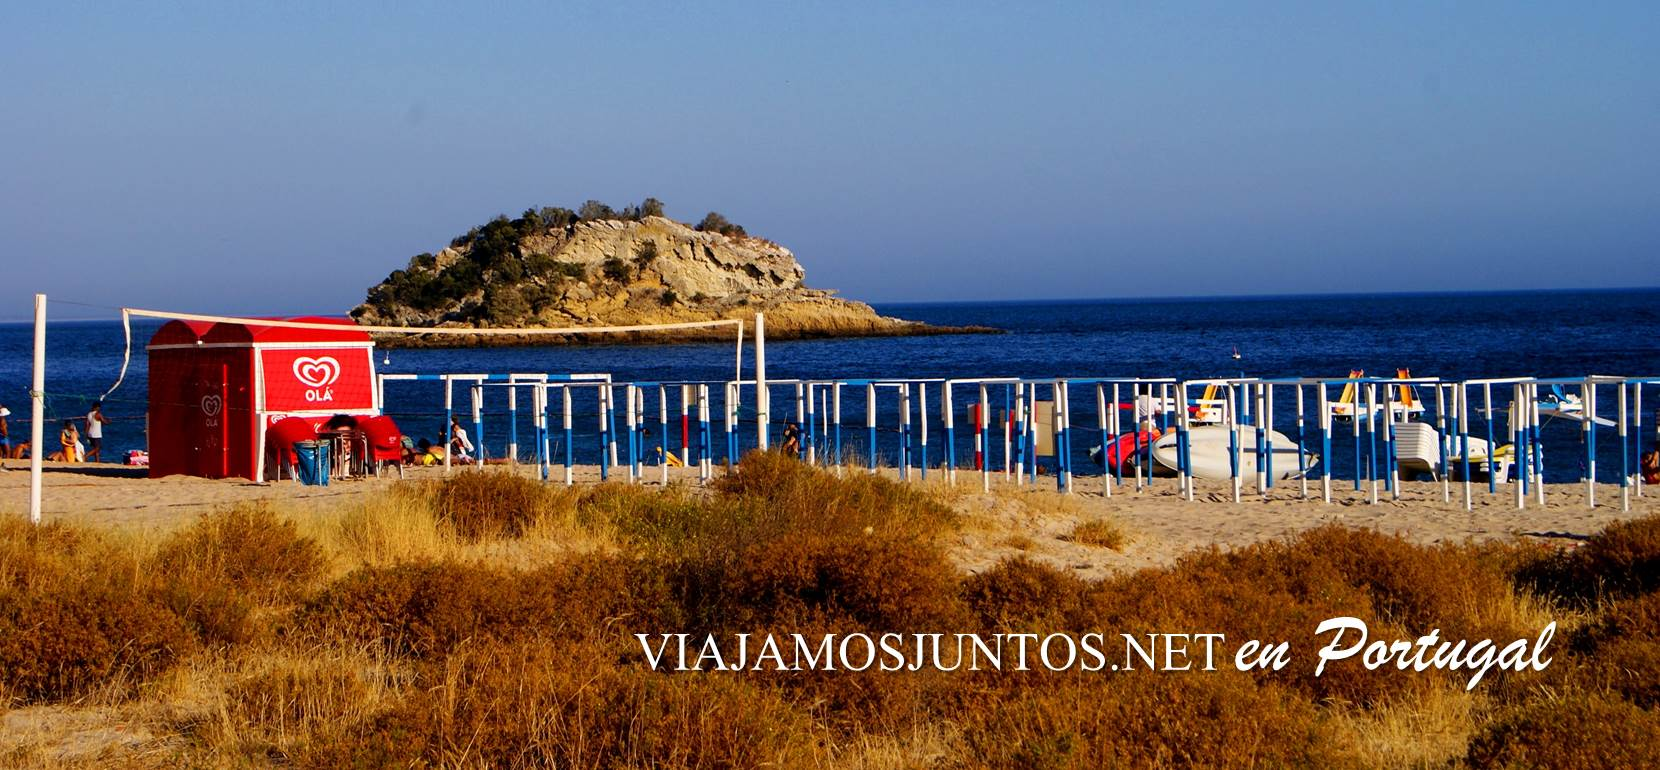 Playas de Portinho, península de Setúbal, Portugal